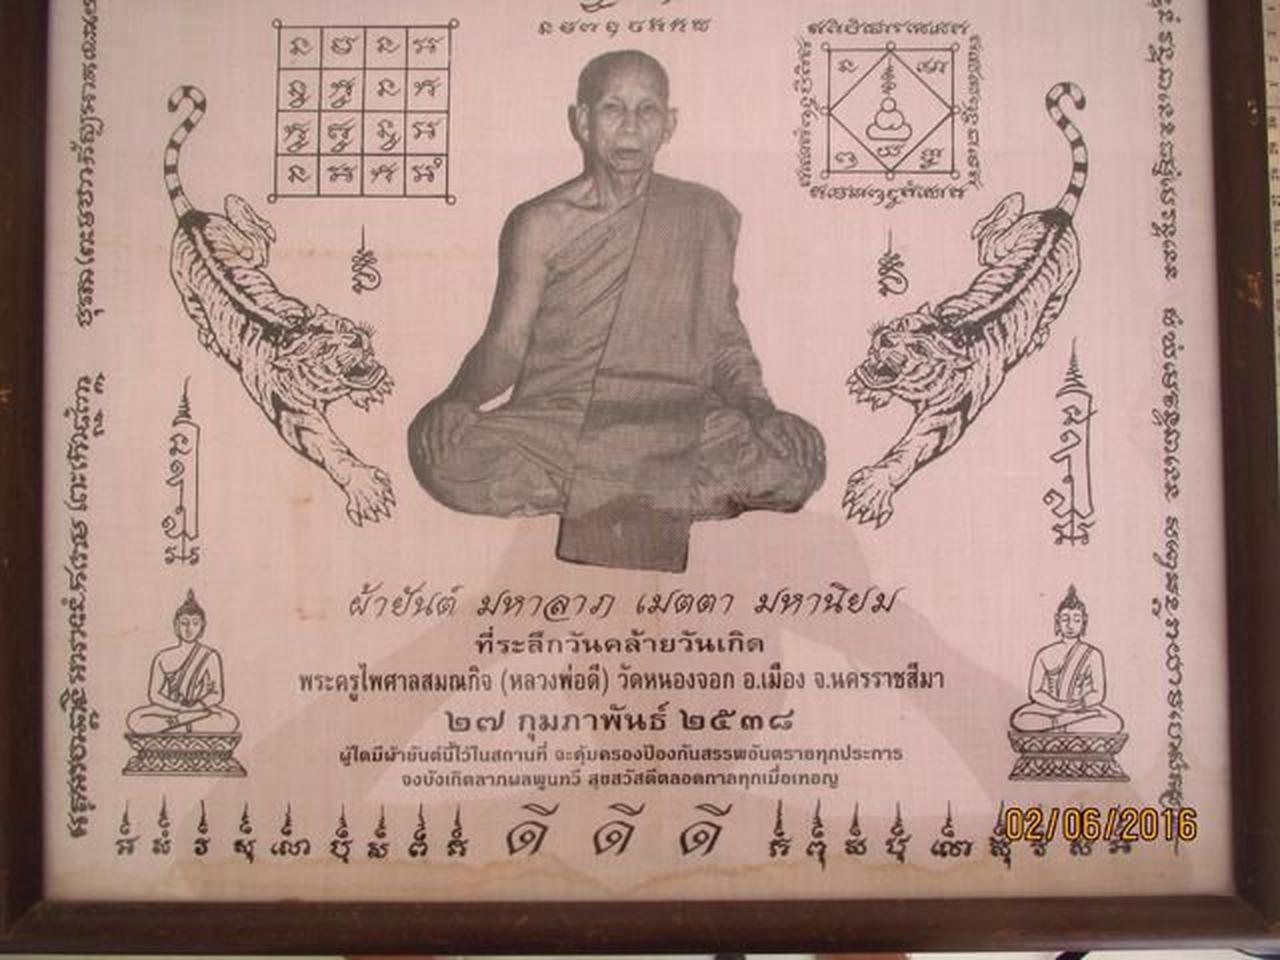 3471 ผ้ายันต์มหาลาภ เมตตา มหานิยม หลวงพ่อดี วัดหนองจอก ปี 25 รูปที่ 2